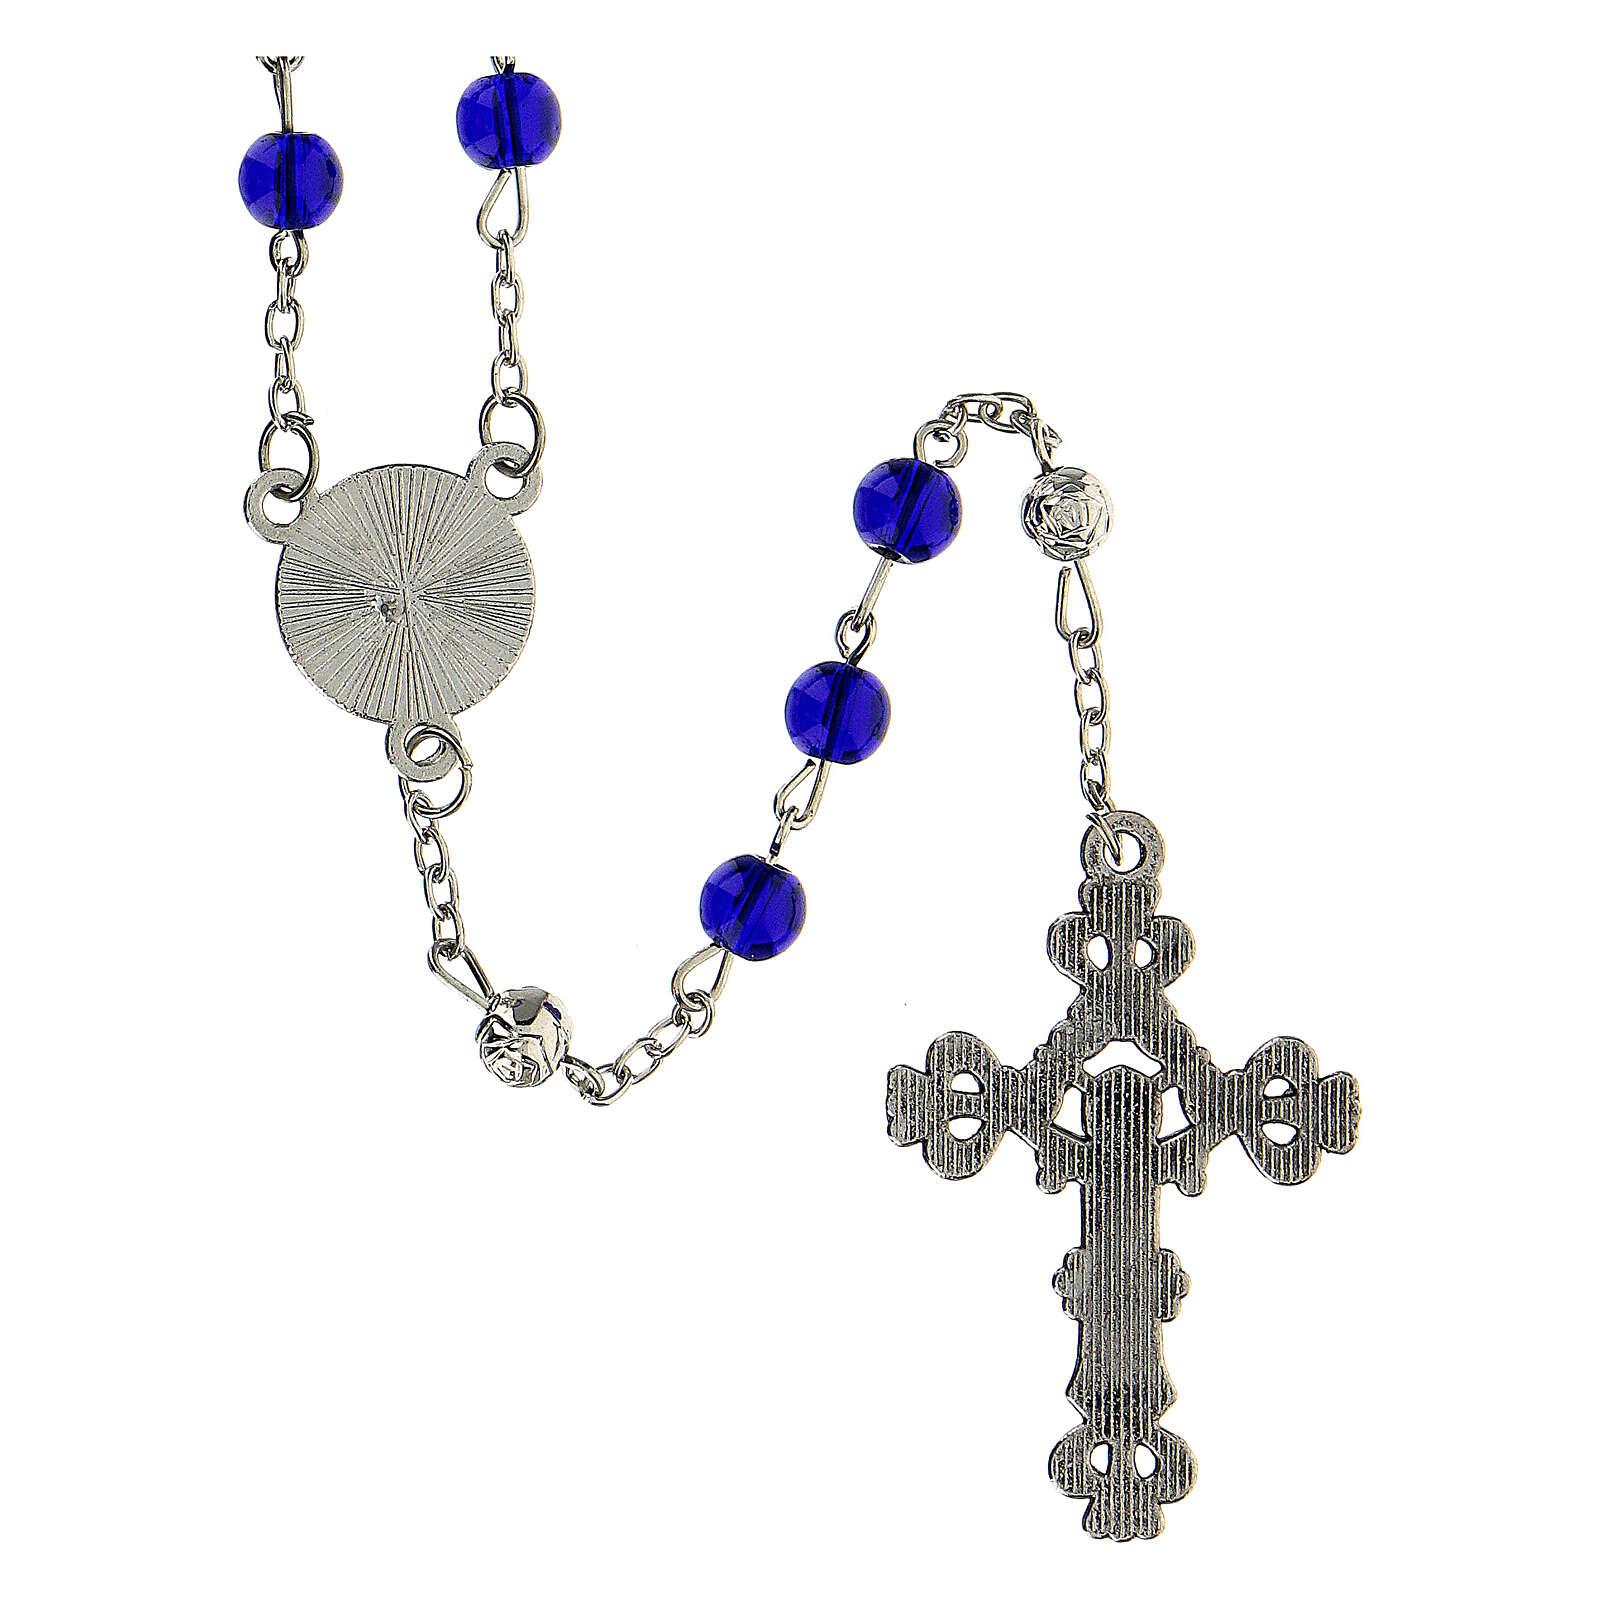 Różaniec Święta Rodzina Narodziny Jezusa koraliki niebieskie szkło 6 mm - Kolekcja Korony Wiary 34/47 4